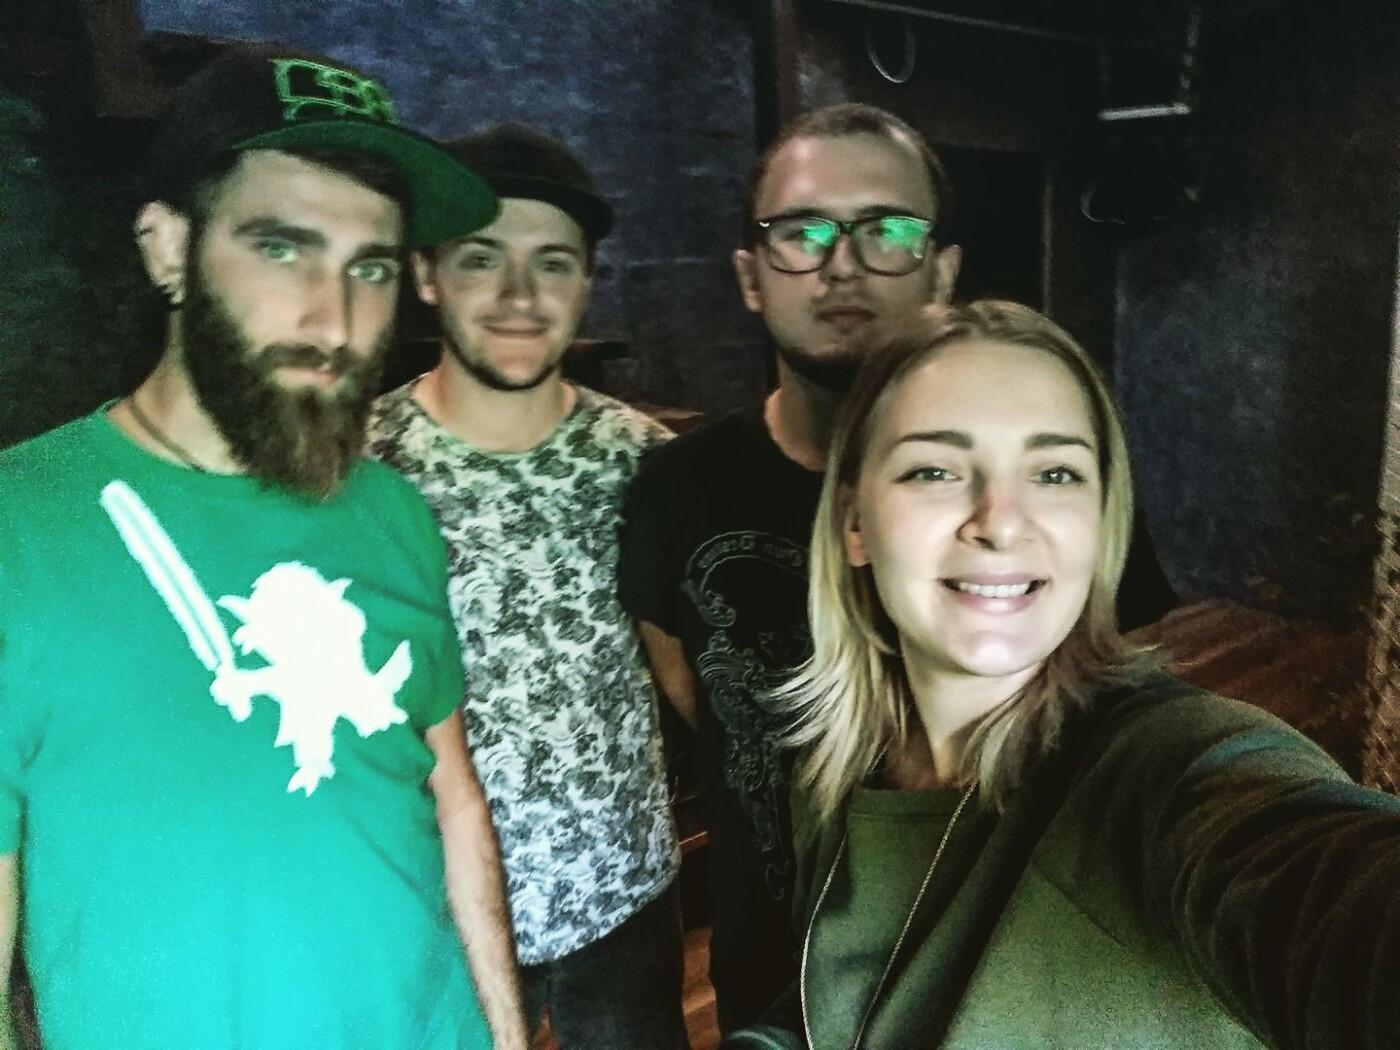 Киевская рок-группа, в которой играет музыкант из Дружковки, выпустила новый сингл (ВИДЕО), фото-1